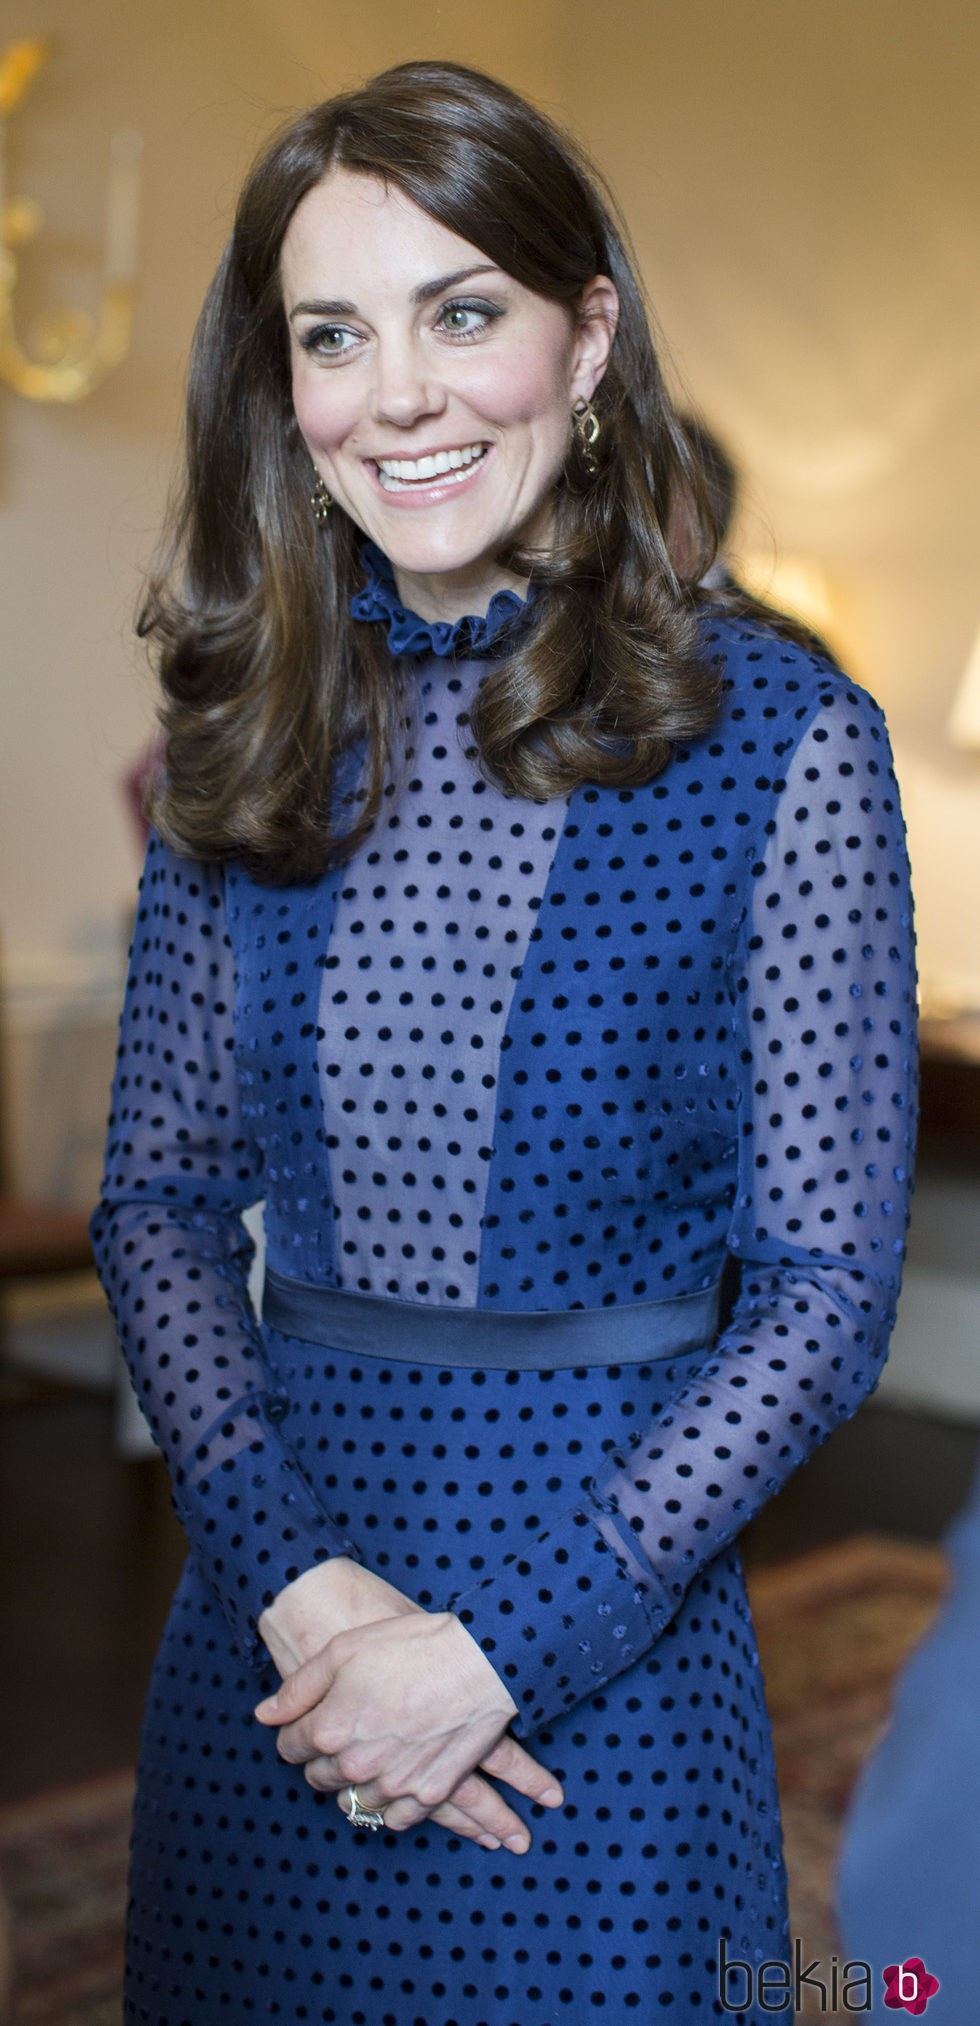 Kate Middleton en la recepcion en el Kensington Palace en abril de 2016